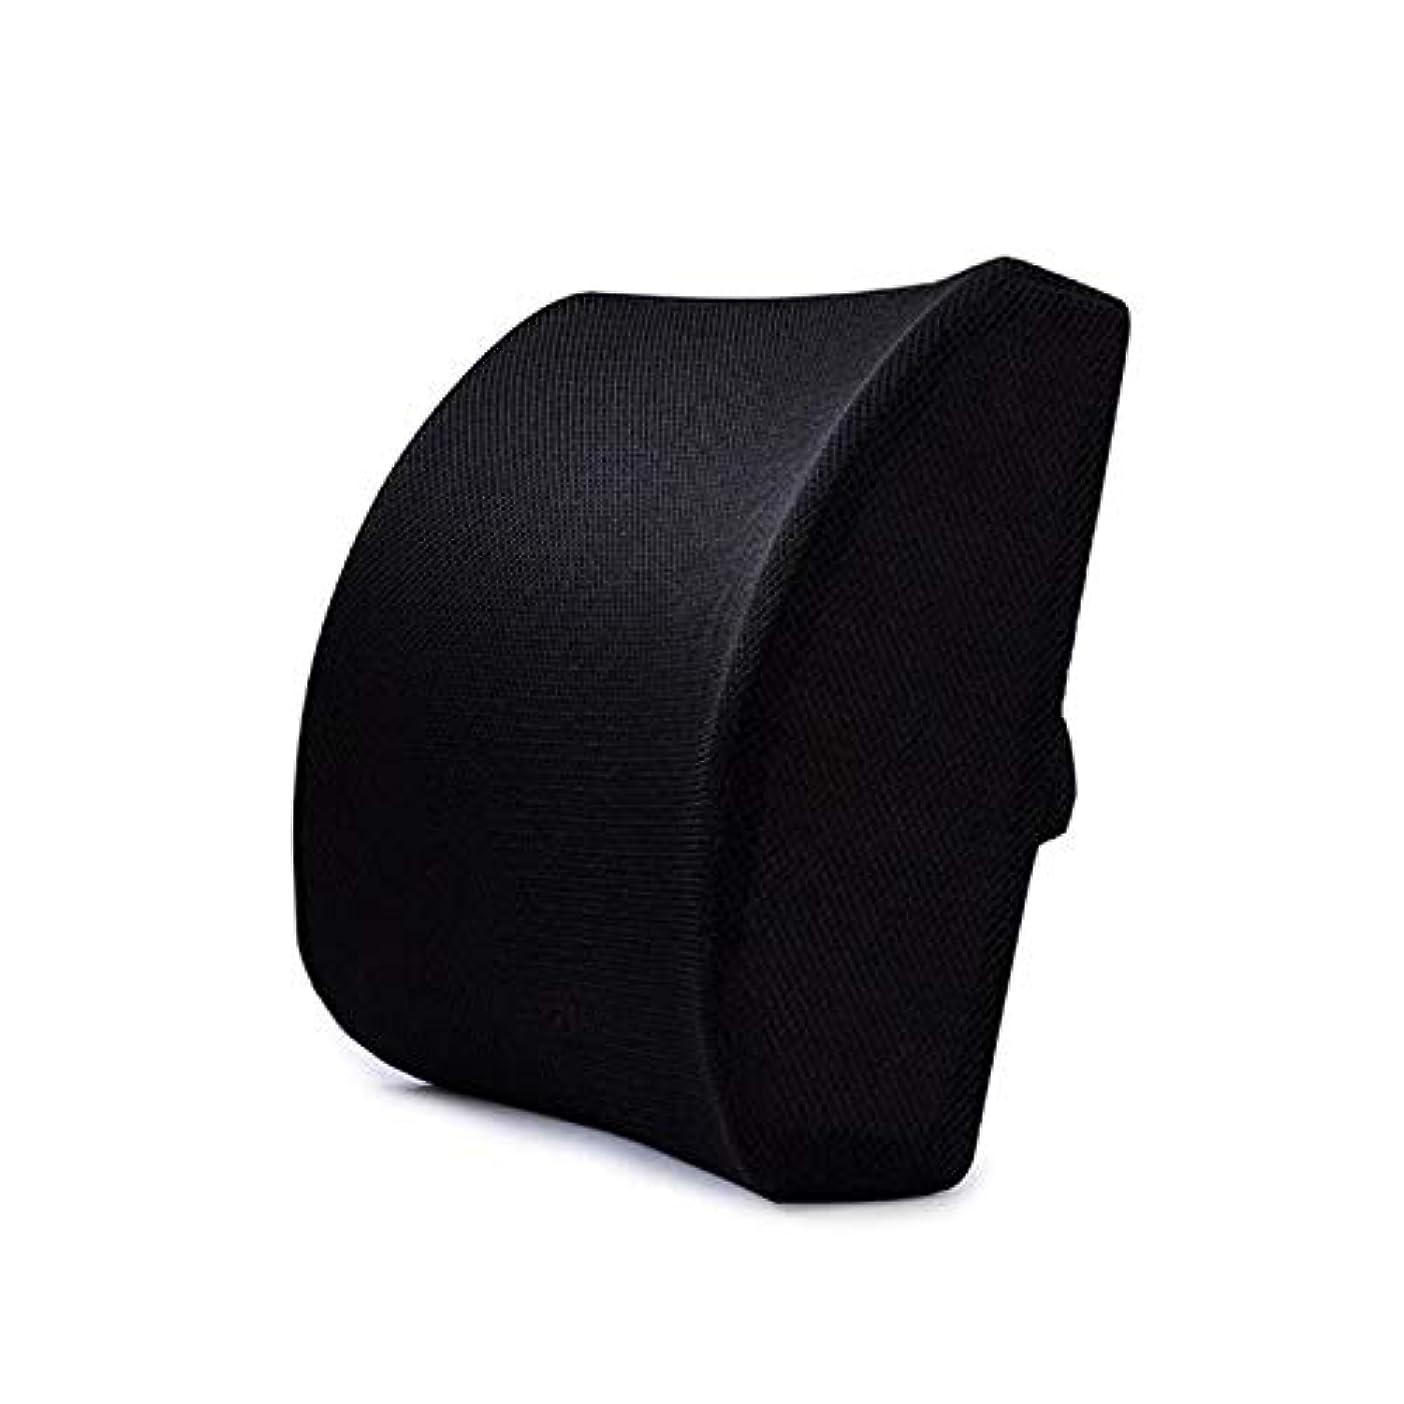 順応性のある工業用ヘビーLIFE ホームオフィス背もたれ椅子腰椎クッションカーシートネック枕 3D 低反発サポートバックマッサージウエストレスリビング枕 クッション 椅子